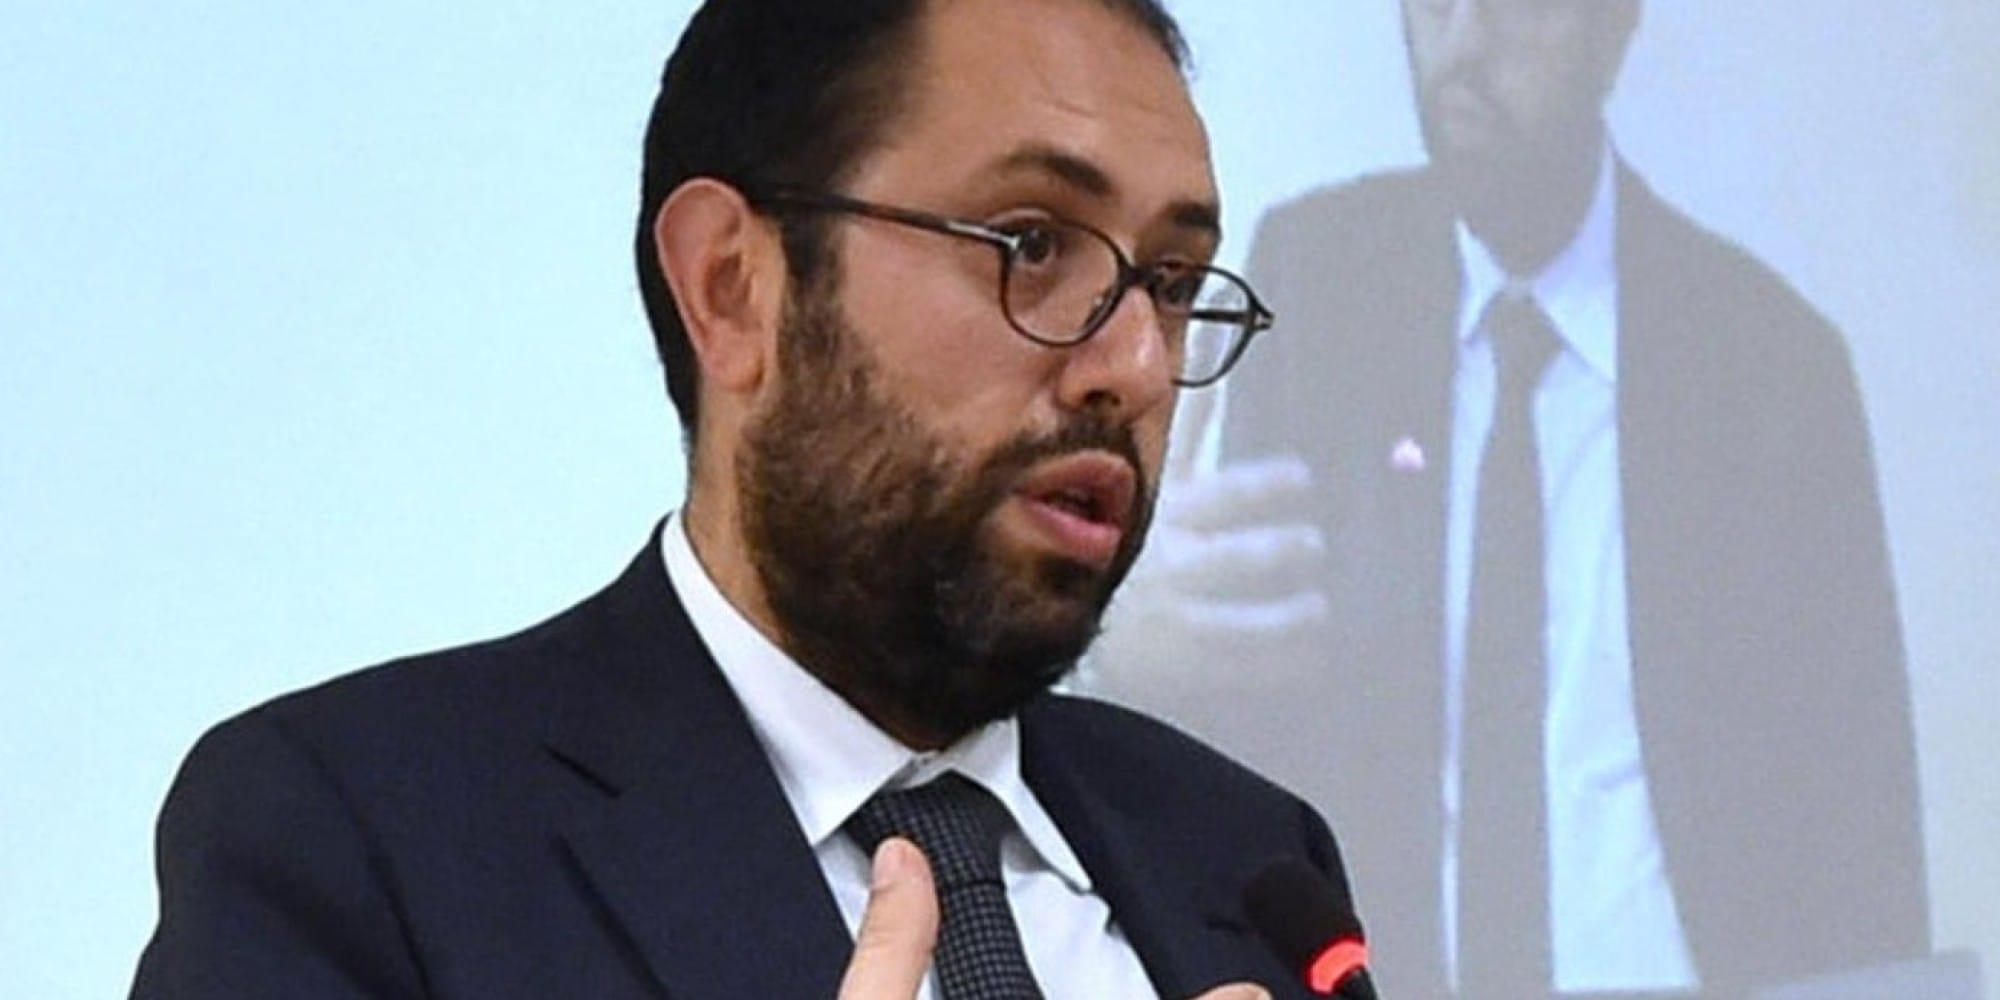 """Tommaso Nannicini: """"I richiami non ci preoccupano, il Paese ha bisogno di crescere, con la Ue normale confronto"""""""